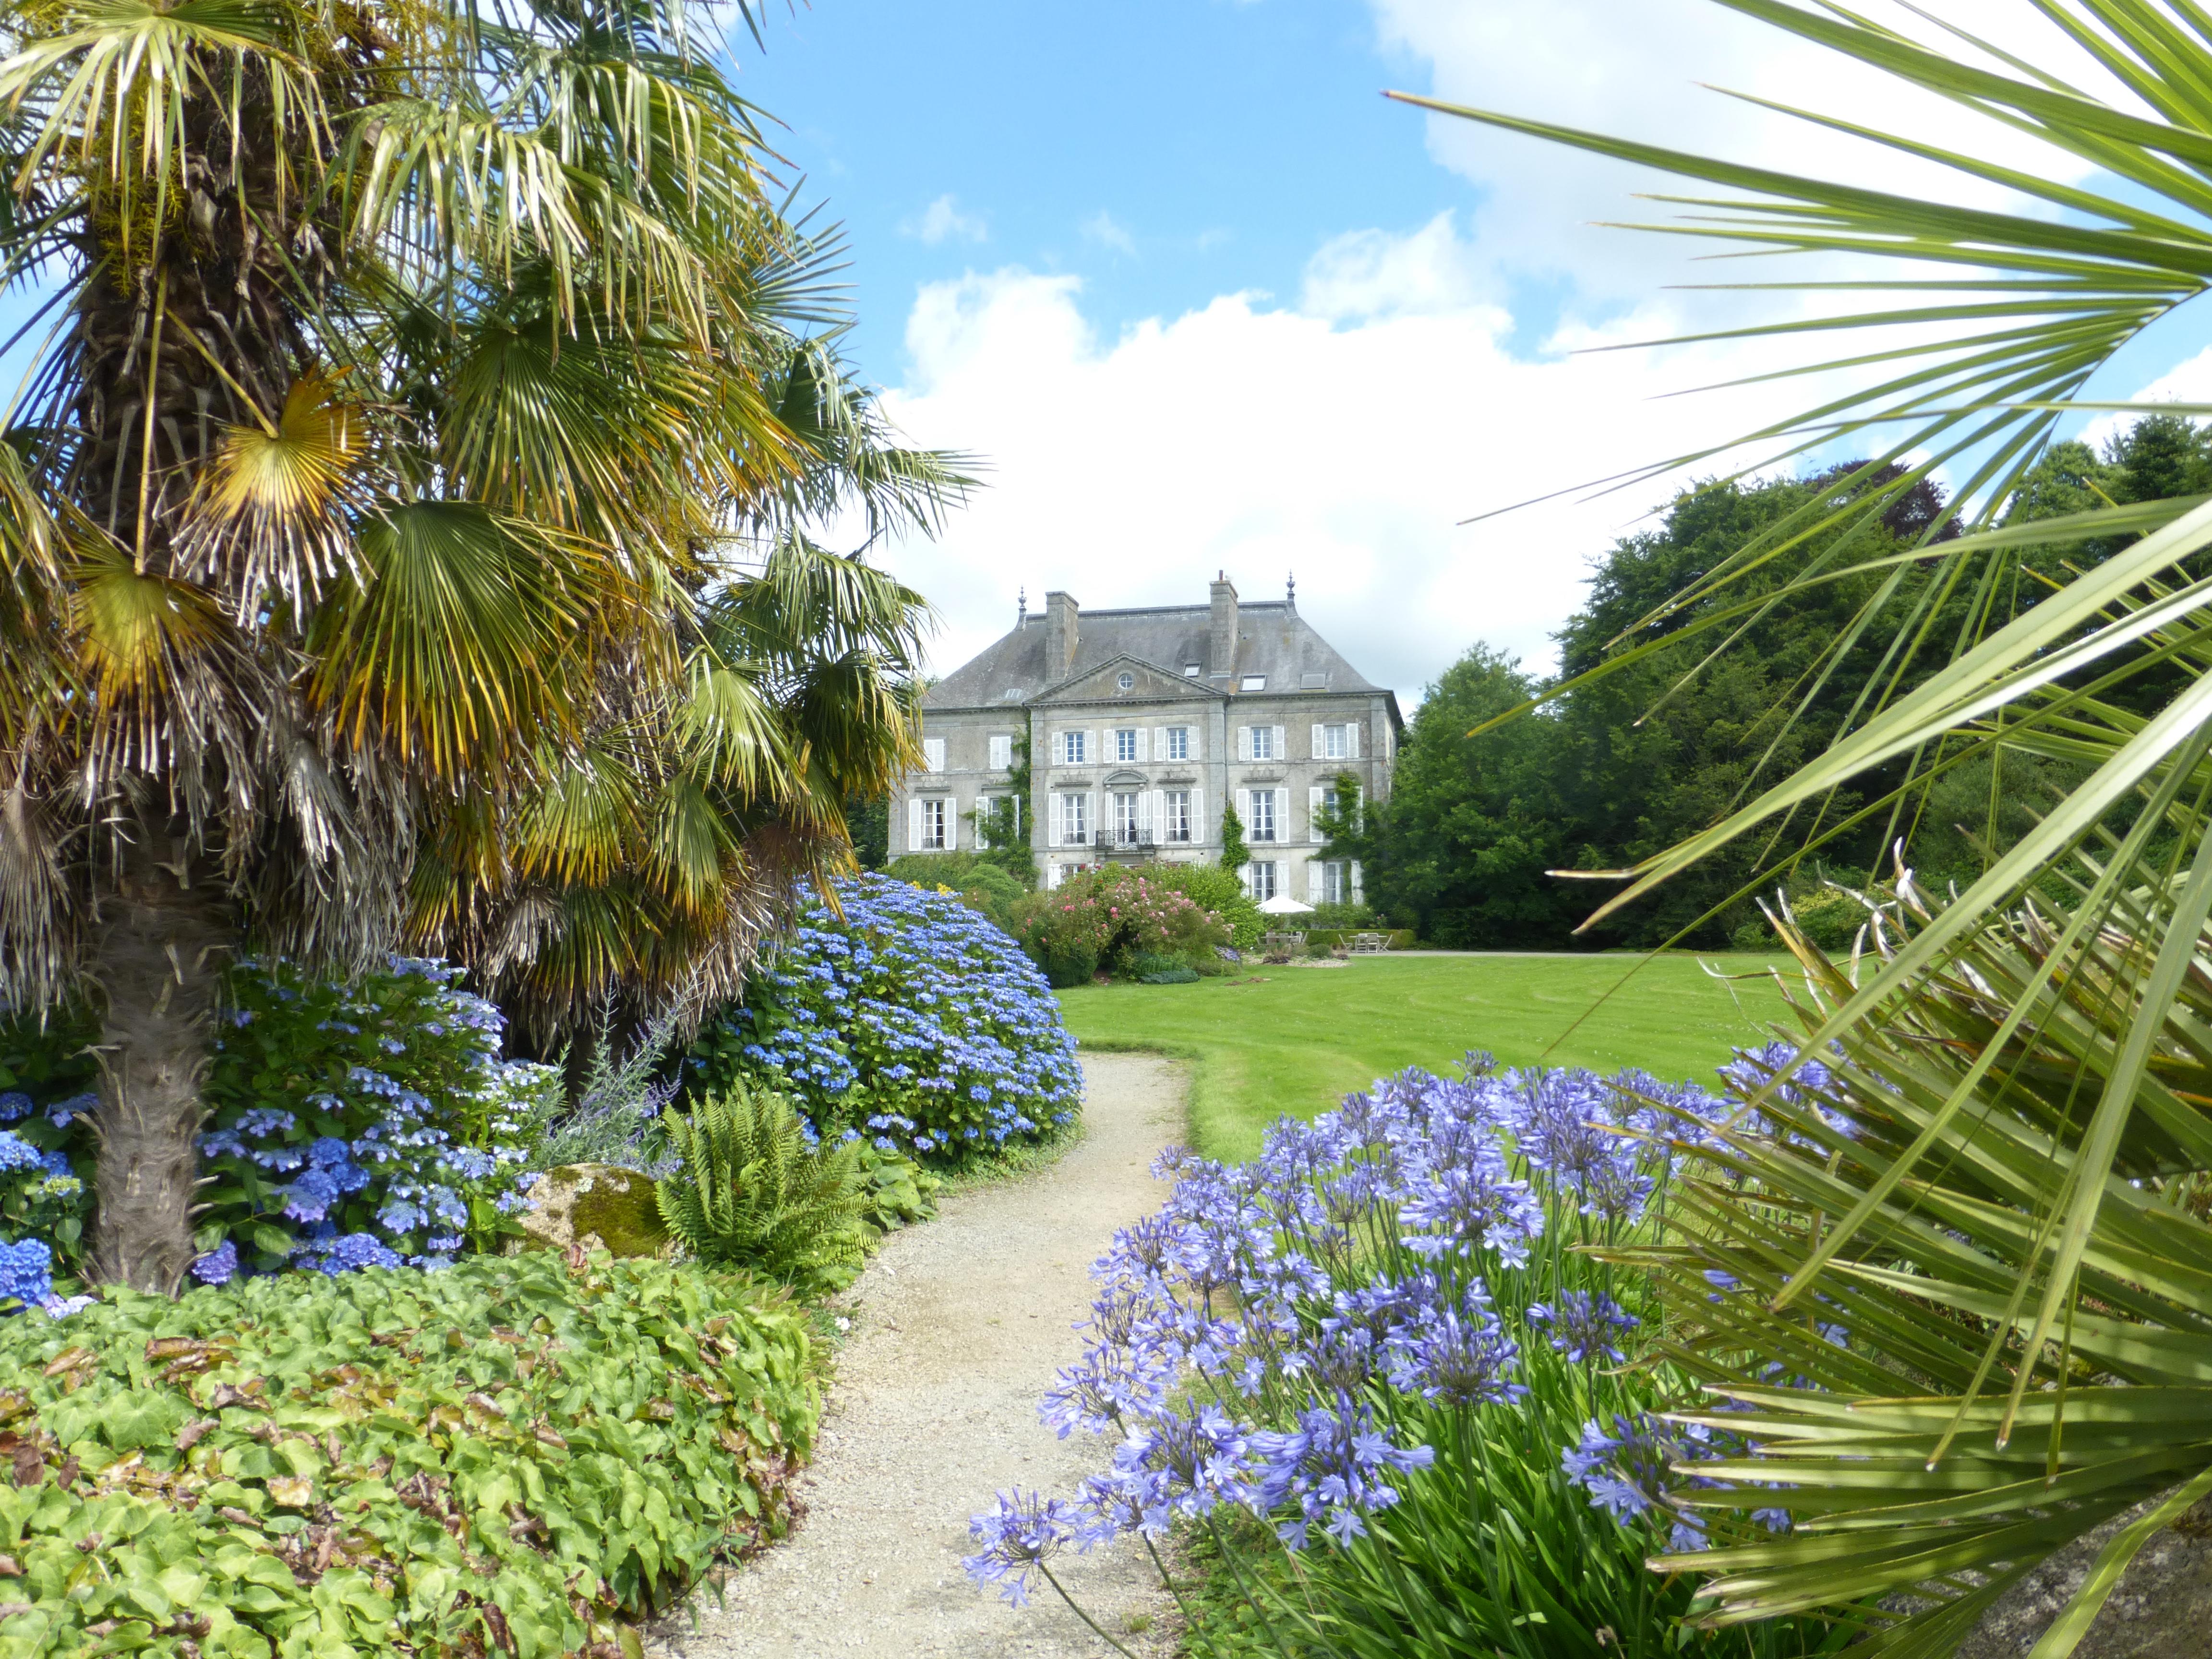 Le chatellier 35 le parc botanique de haute bretagne la passion des jardins et de la nature - Parc botanique de haute bretagne ...